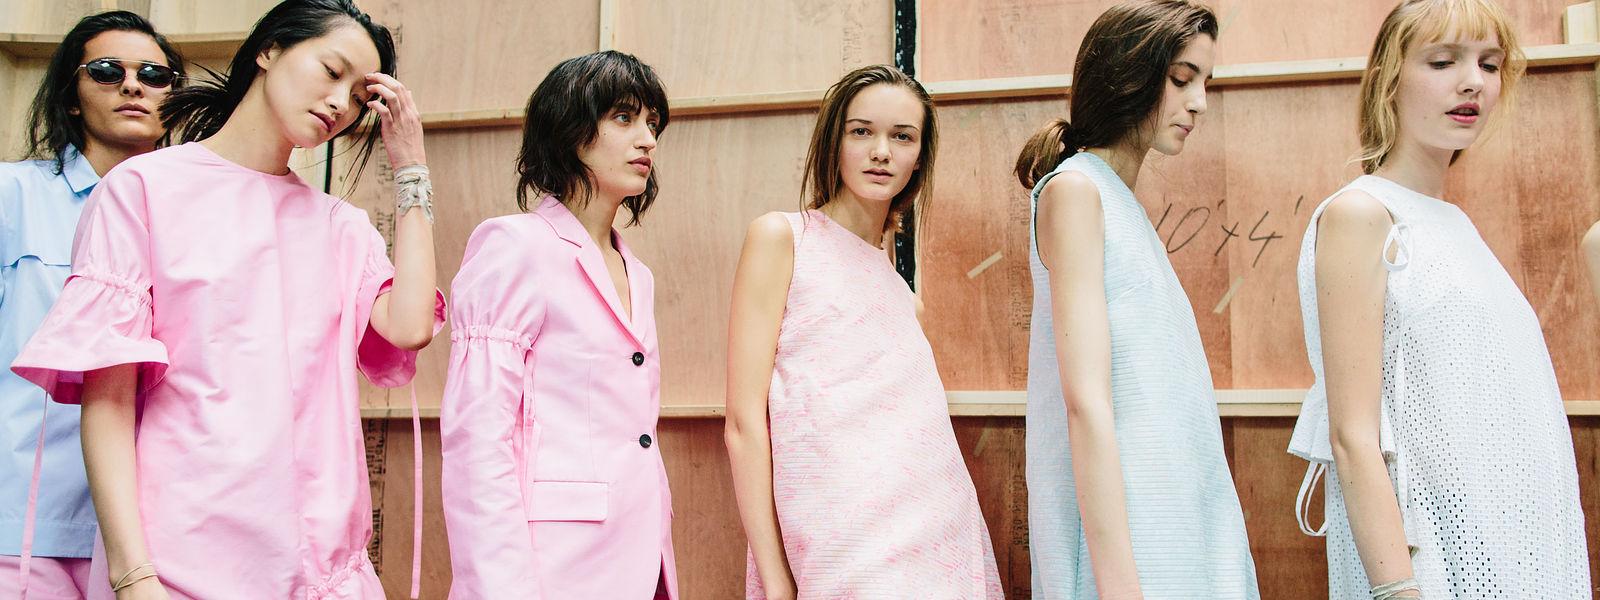 London Fashion Week SS16